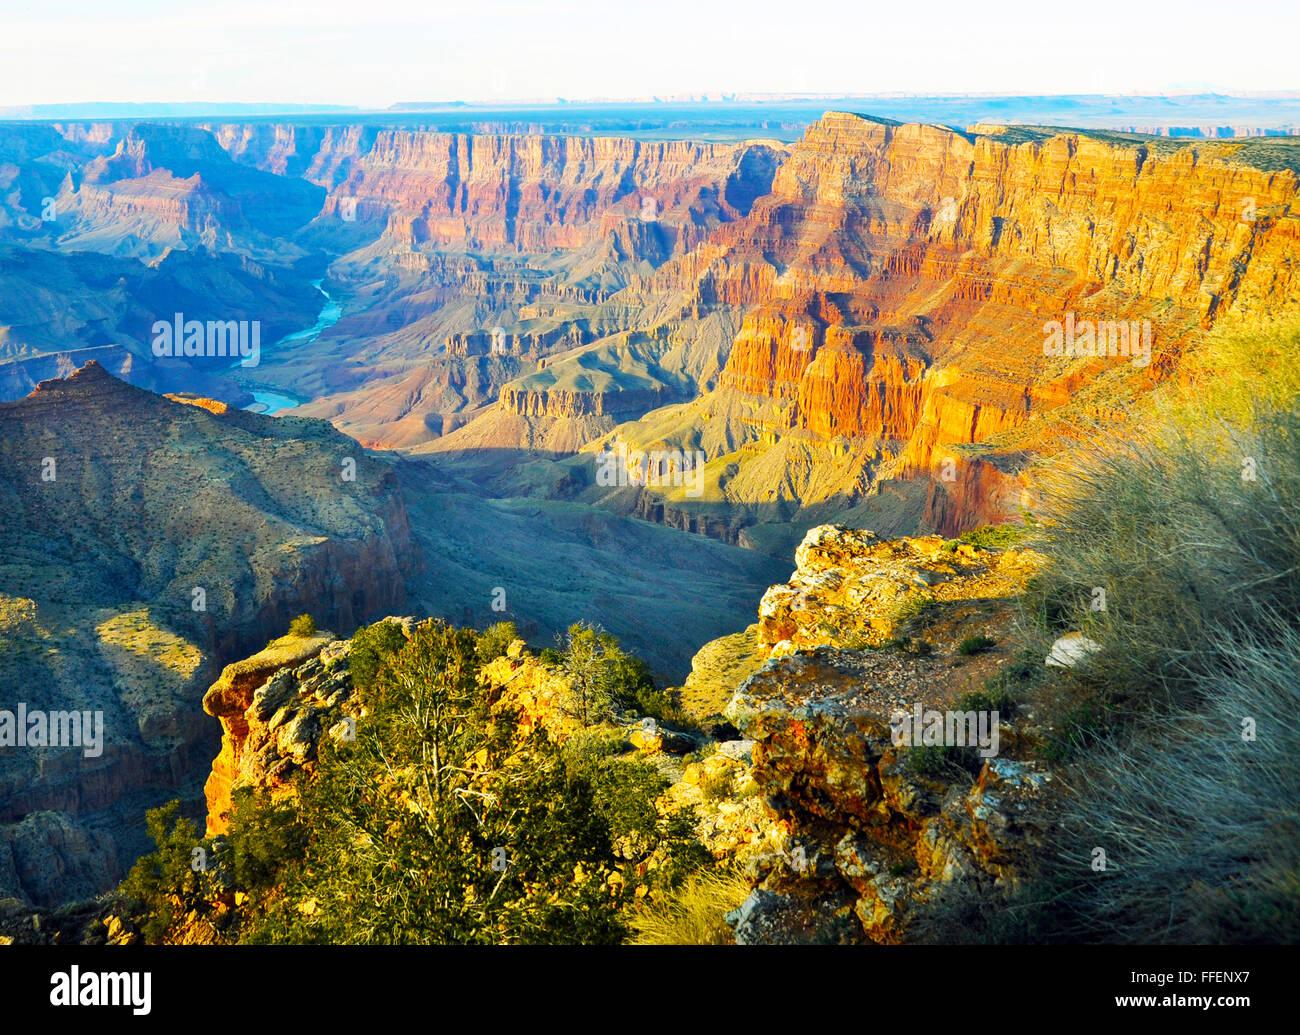 Grand Canyon,pendii ripidi canyon scavate dal fiume Colorado in Arizona. Abitata da nativi indiani americani, 277 Immagini Stock